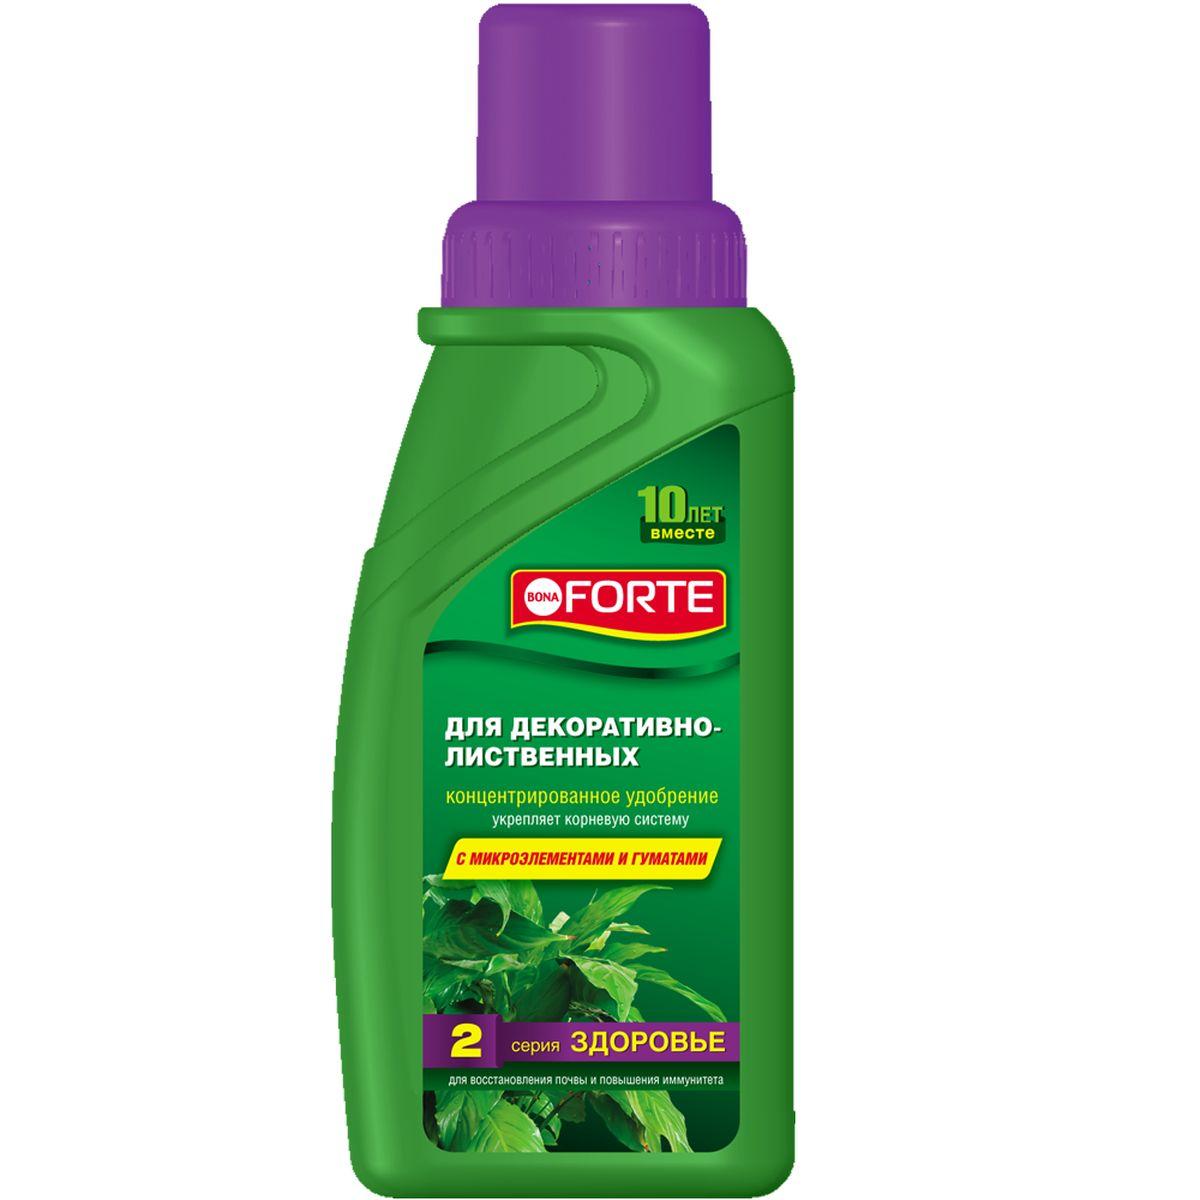 Жидкое комплексное удобрение Bona Forte, 285 млBF-21-06-010-1Комплексное удобрение предназначено для сбалансированного питания растений, придания сочной окраски листьям, активного роста зеленной массы и повышения иммунитета растений.